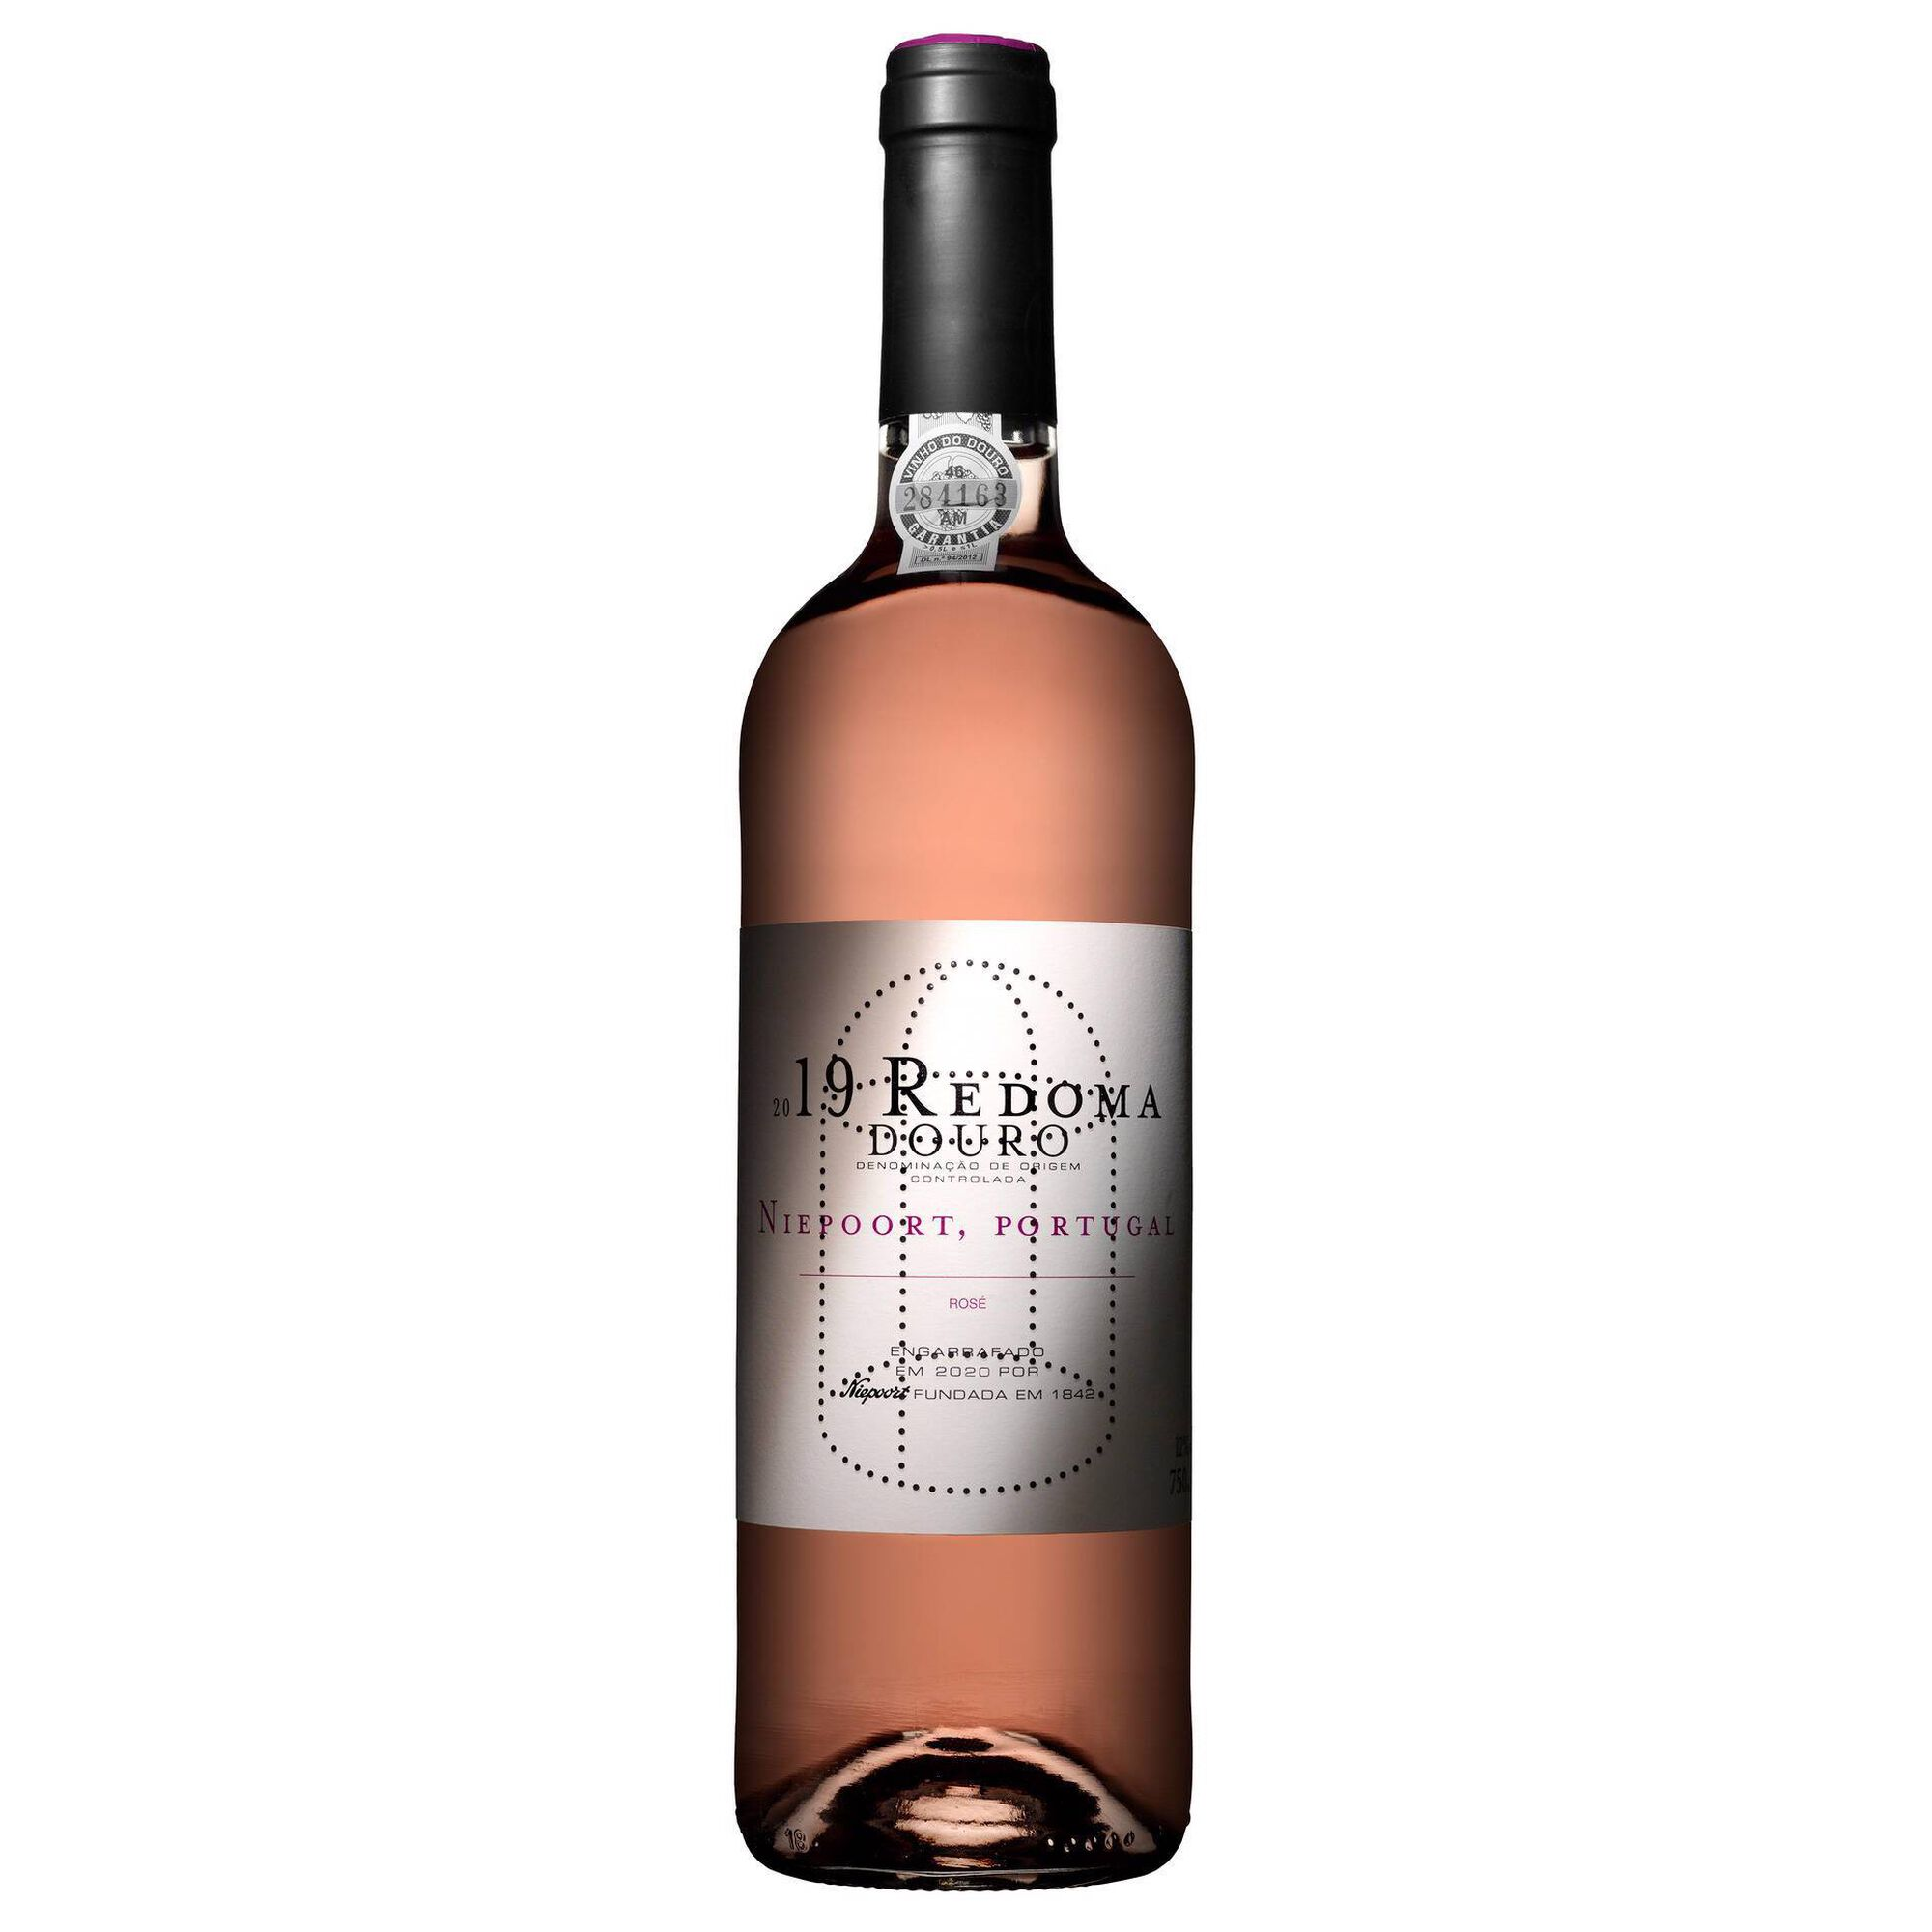 Redoma DOC Douro Vinho Rosé